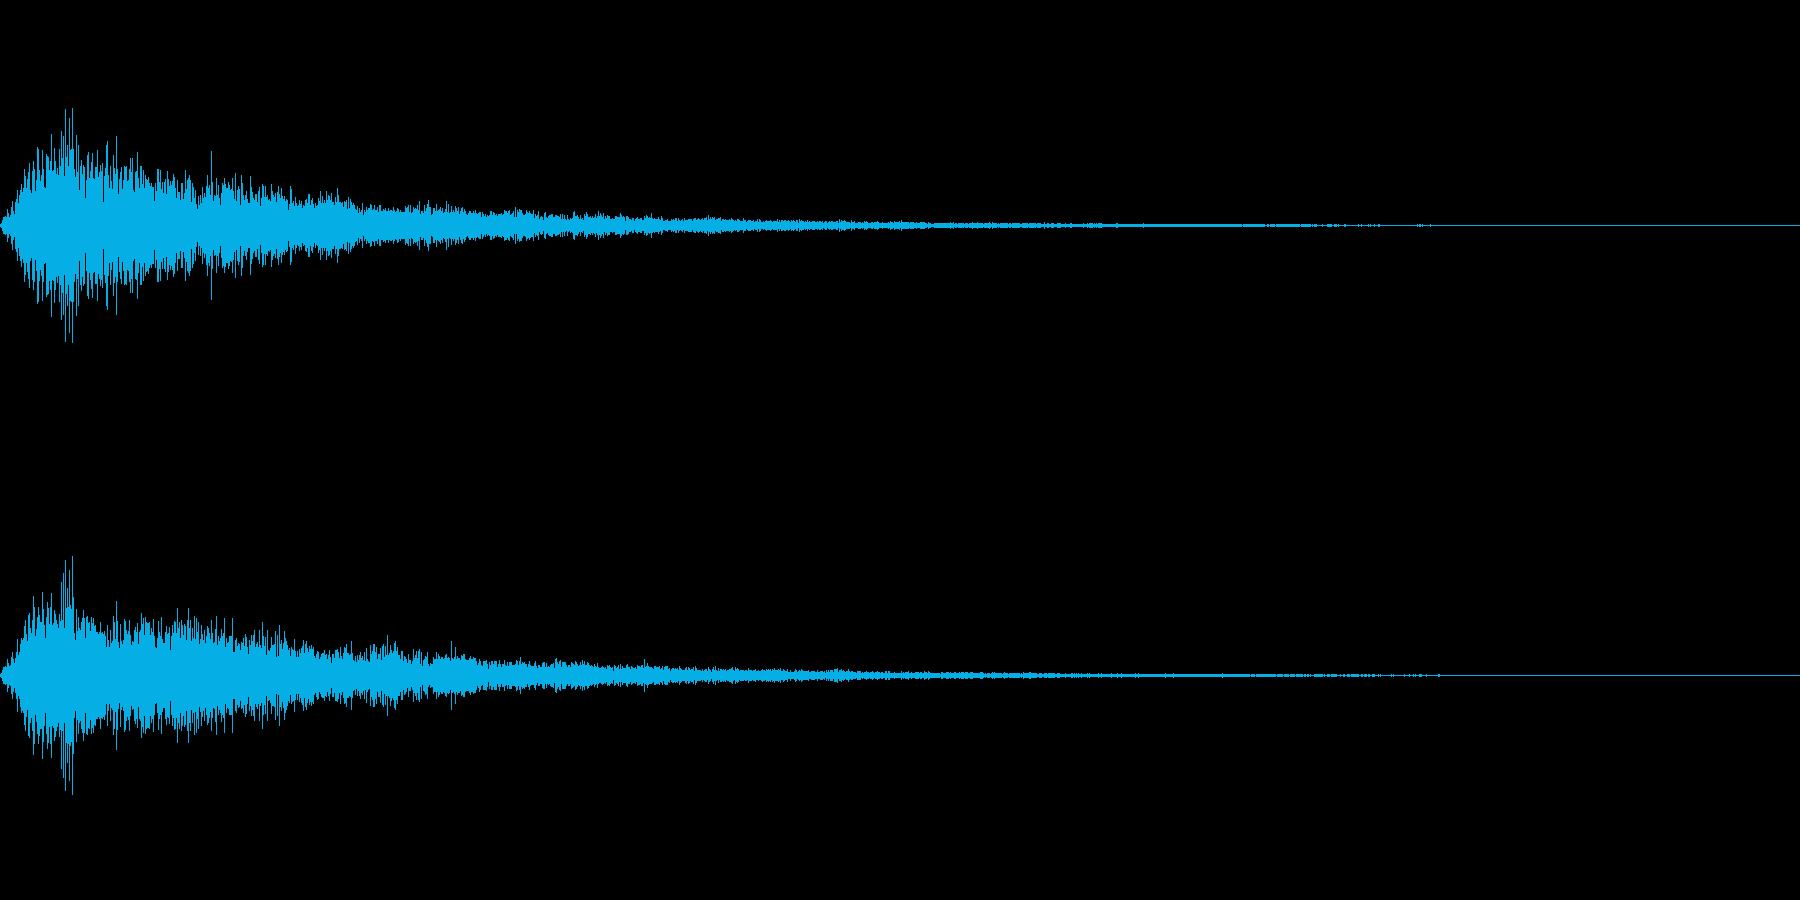 エネルギー系の効果音の再生済みの波形